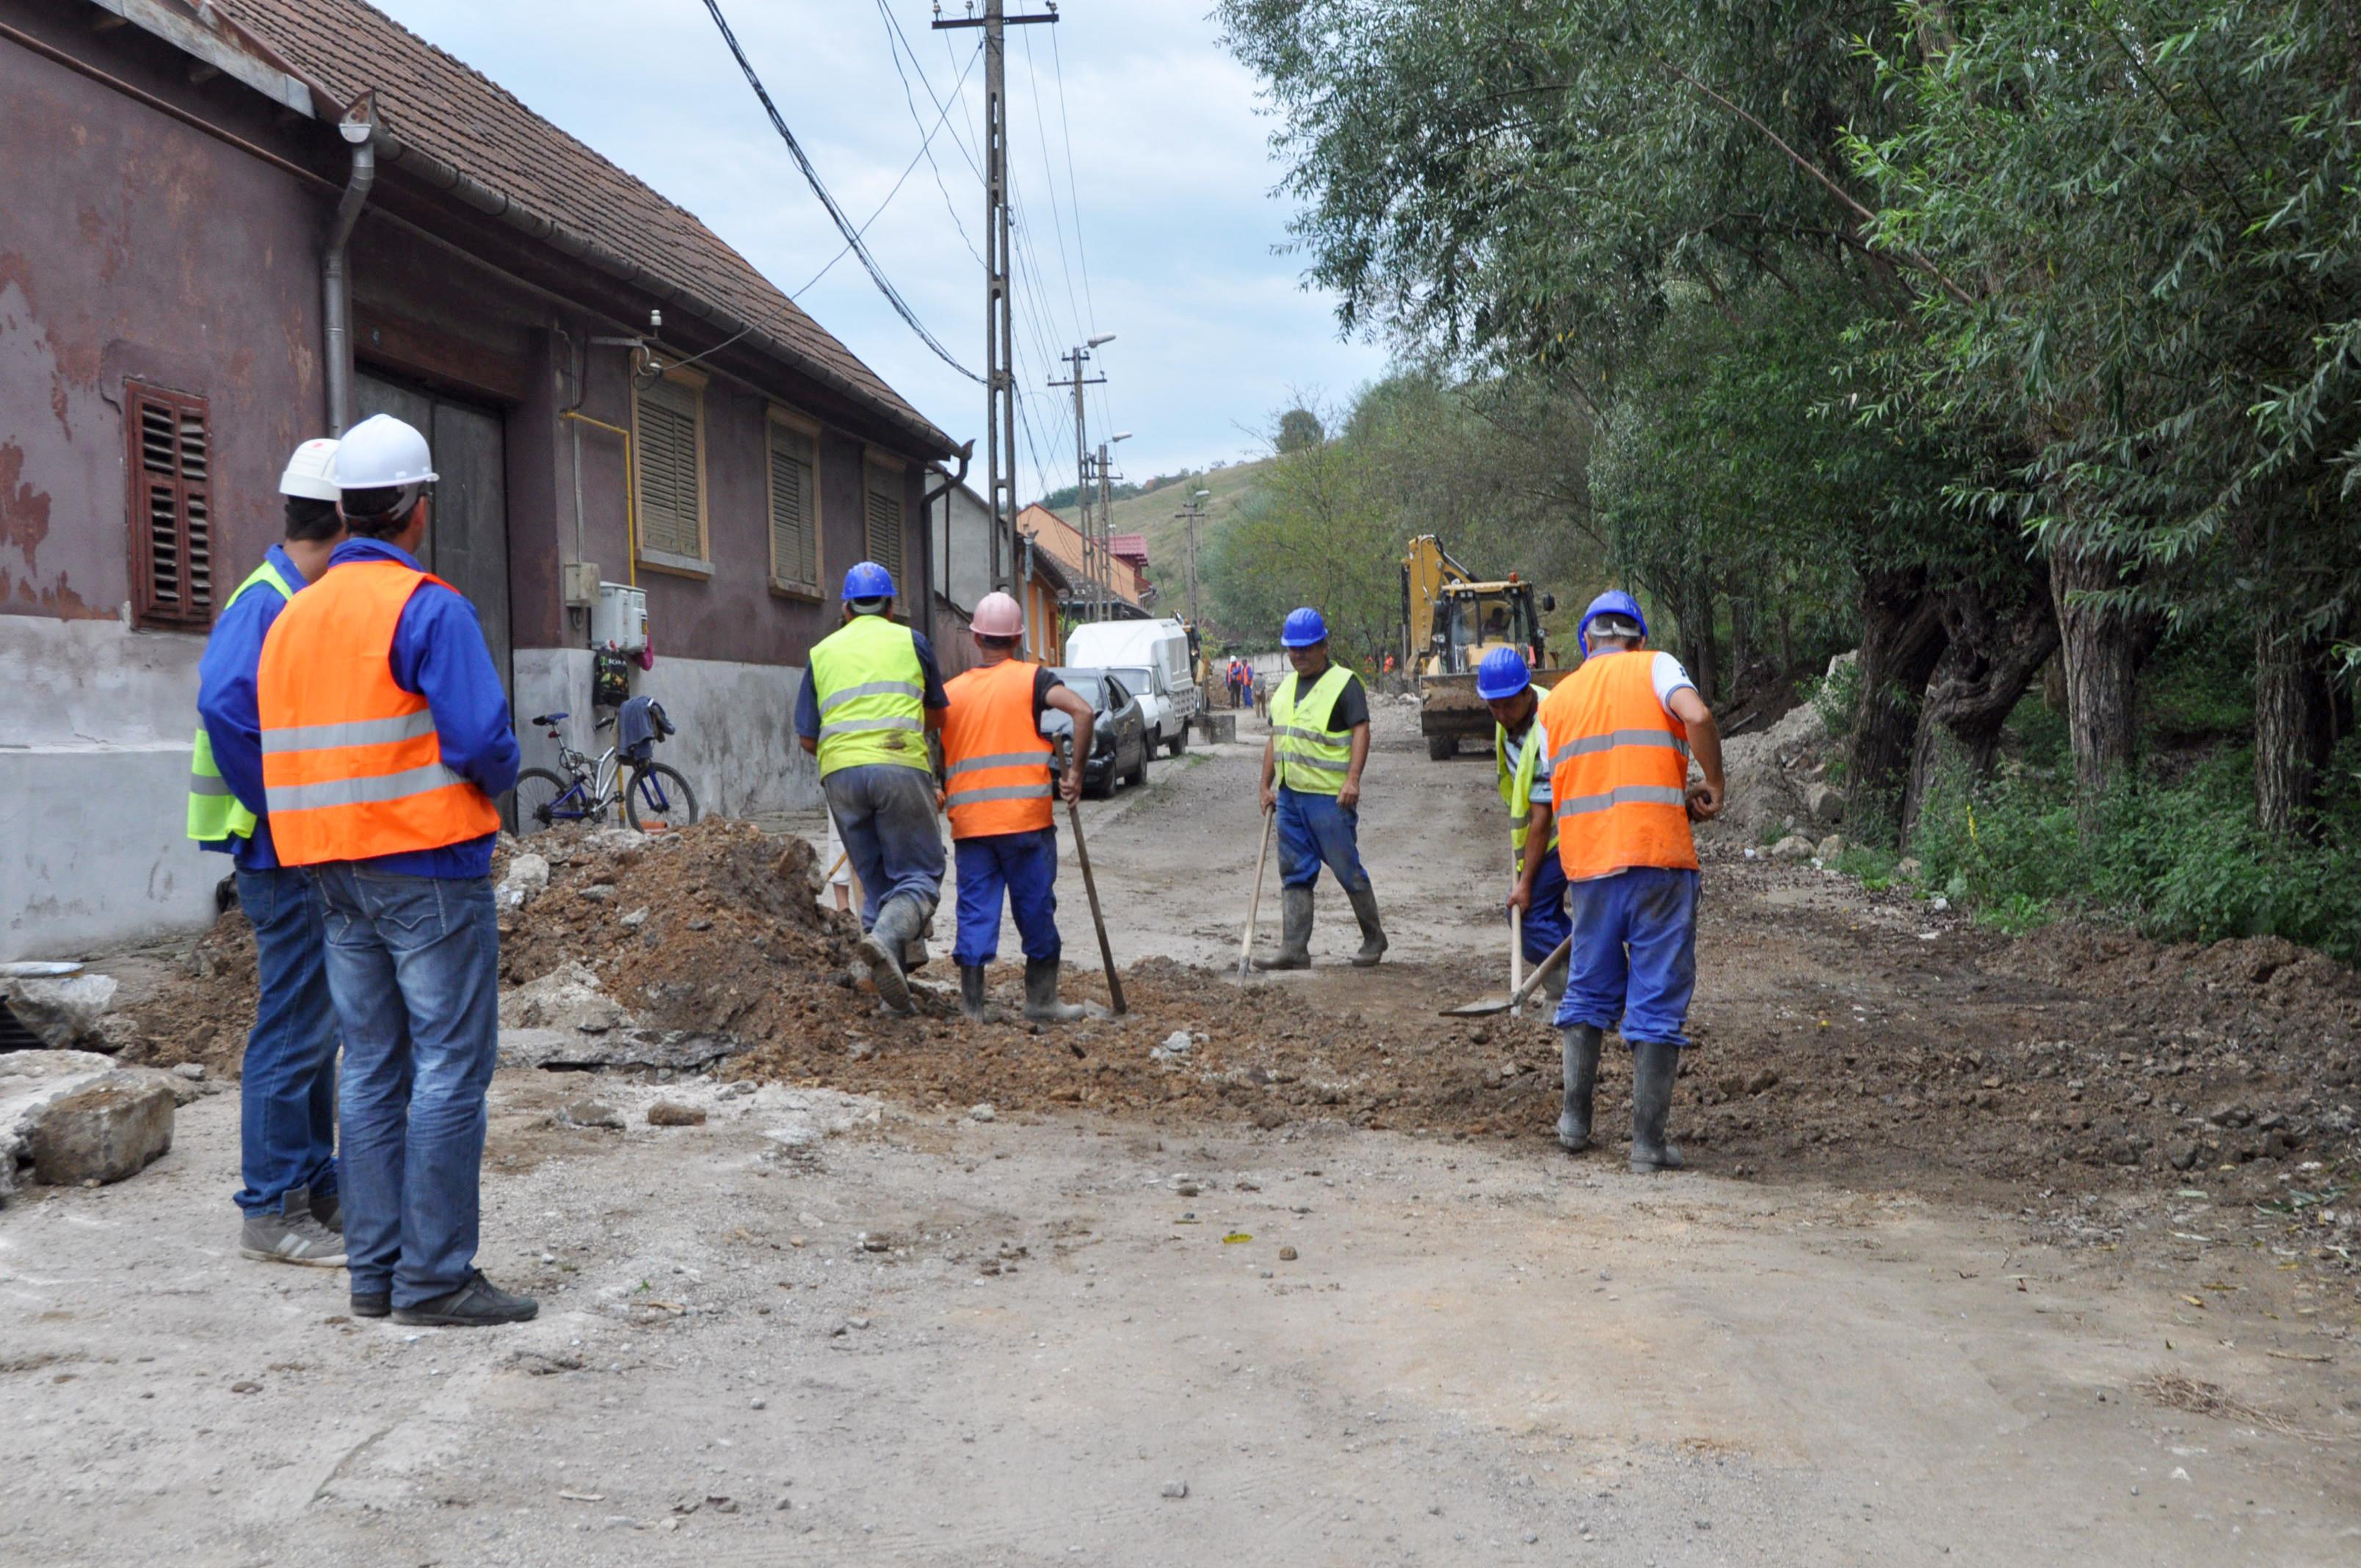 Aproape jumătate din populația României nu este racordată la canalizare